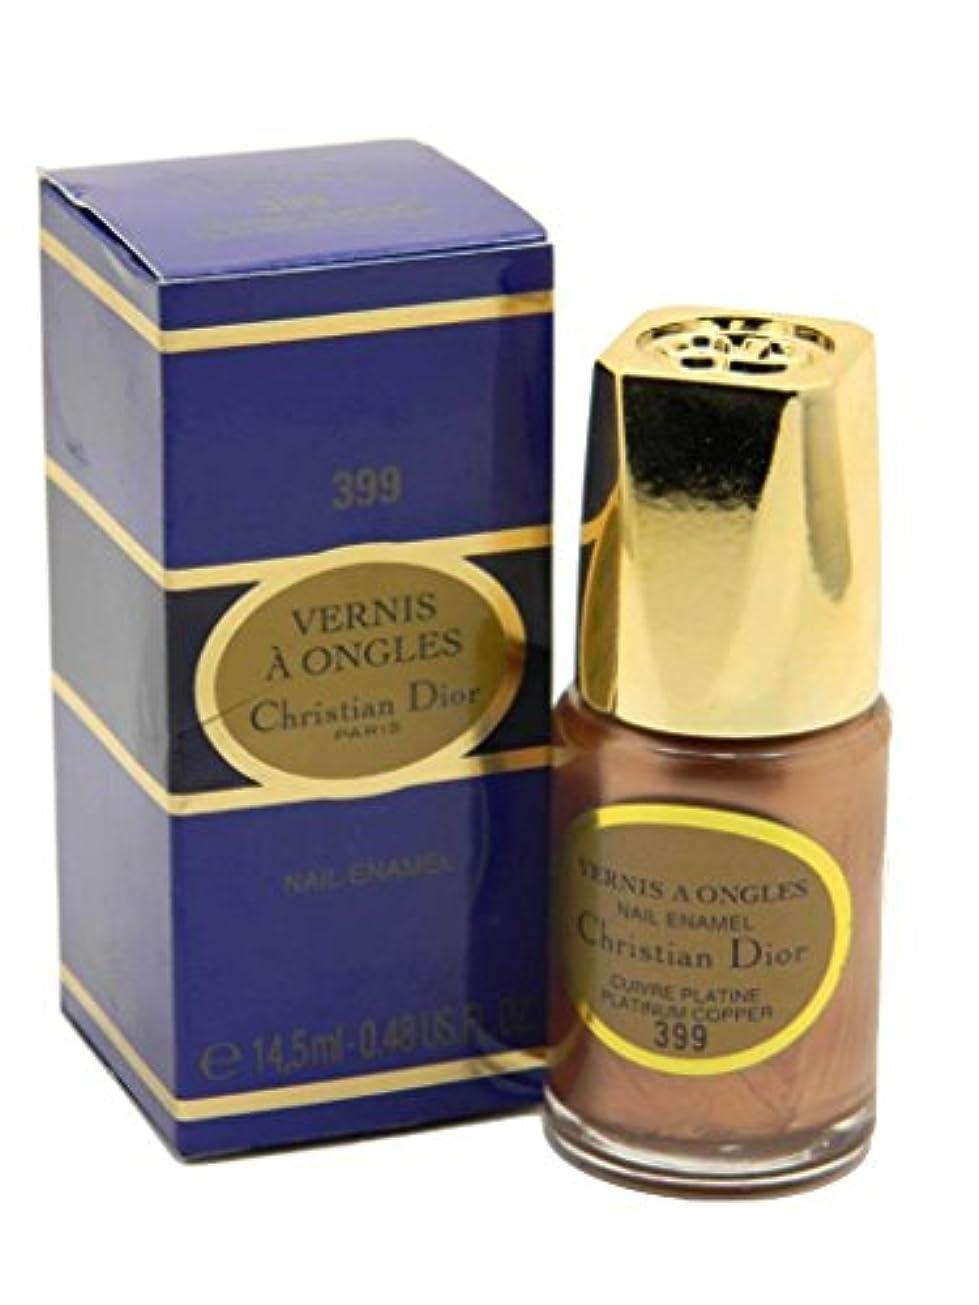 キルト重々しい習慣Dior Vernis A Ongles Nail Enamel Polish 399 Platinum Copper(ディオール ヴェルニ ア オングル ネイルエナメル ポリッシュ 399 プラチナカッパー) [並行輸入品]